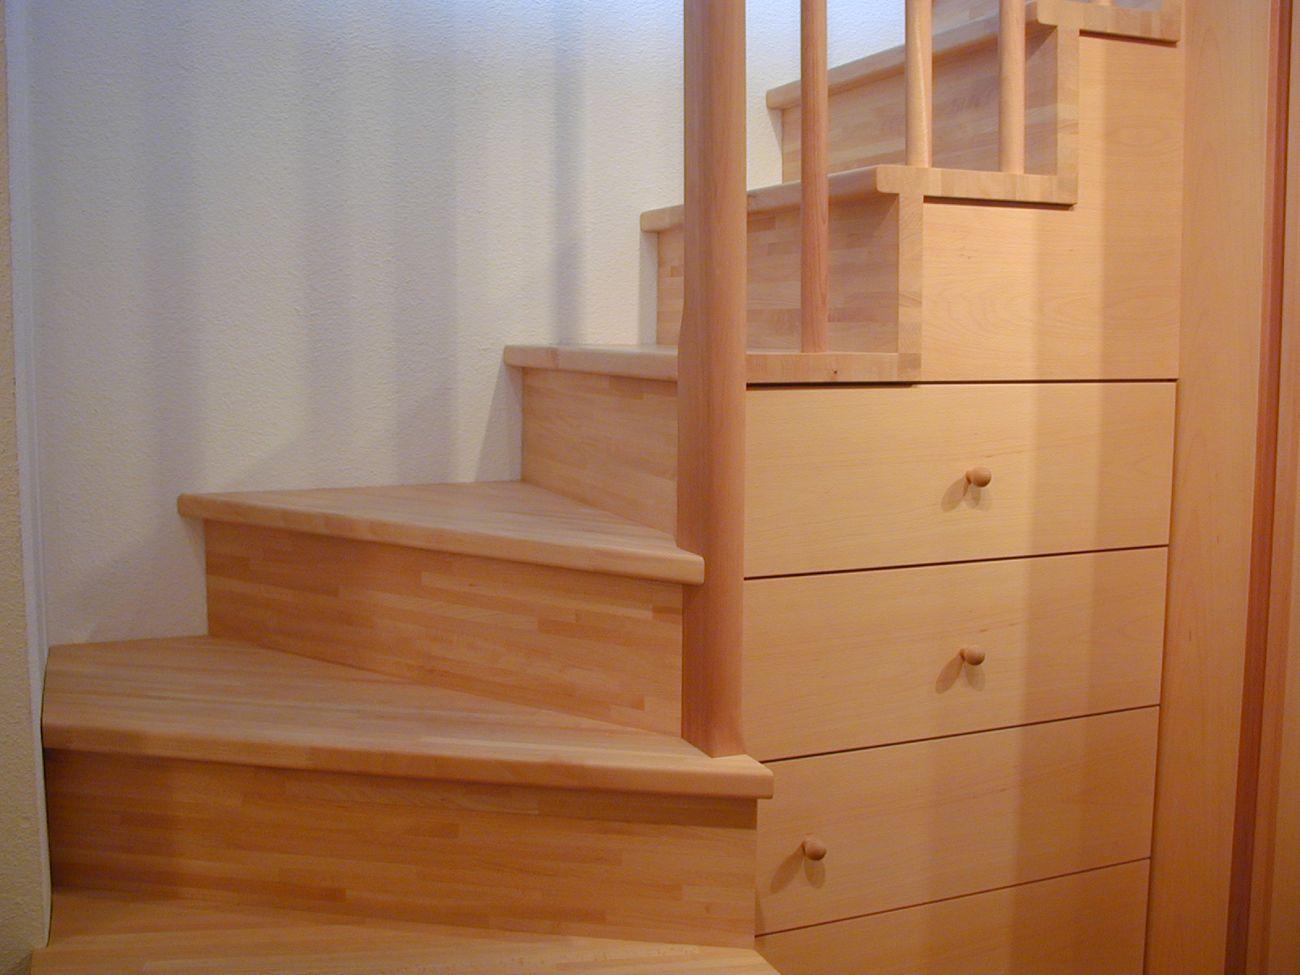 Treppe Holz mit Schubladen